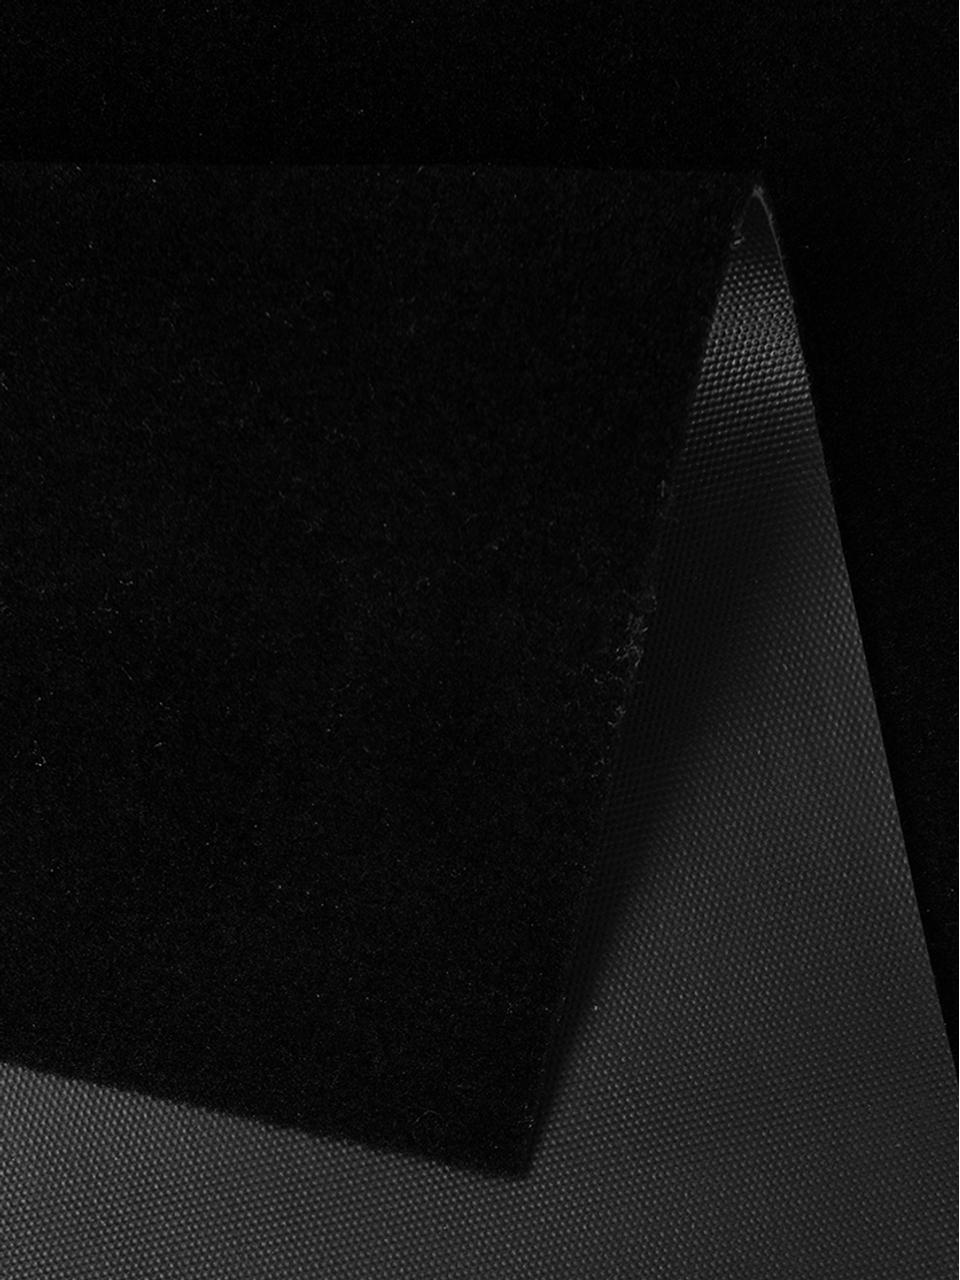 Waschbarer Küchenläufer Cooking with Love, rutschfest, Oberseite: 100% Polyamid, Unterseite: Gummi, Schwarz, Weiß, 50 x 150 cm